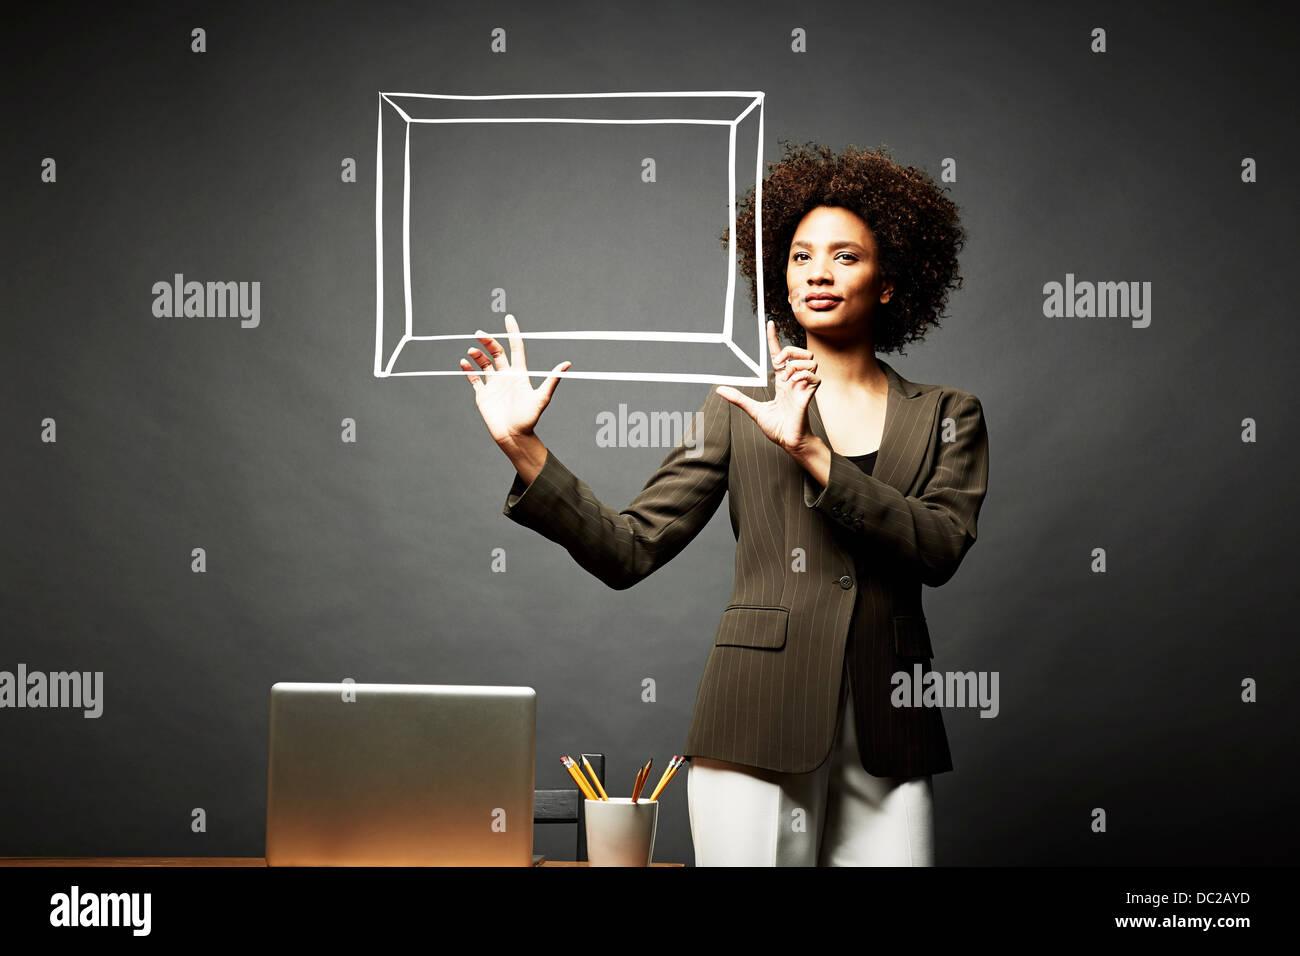 Mujer sosteniendo un marco de imagen Imagen De Stock